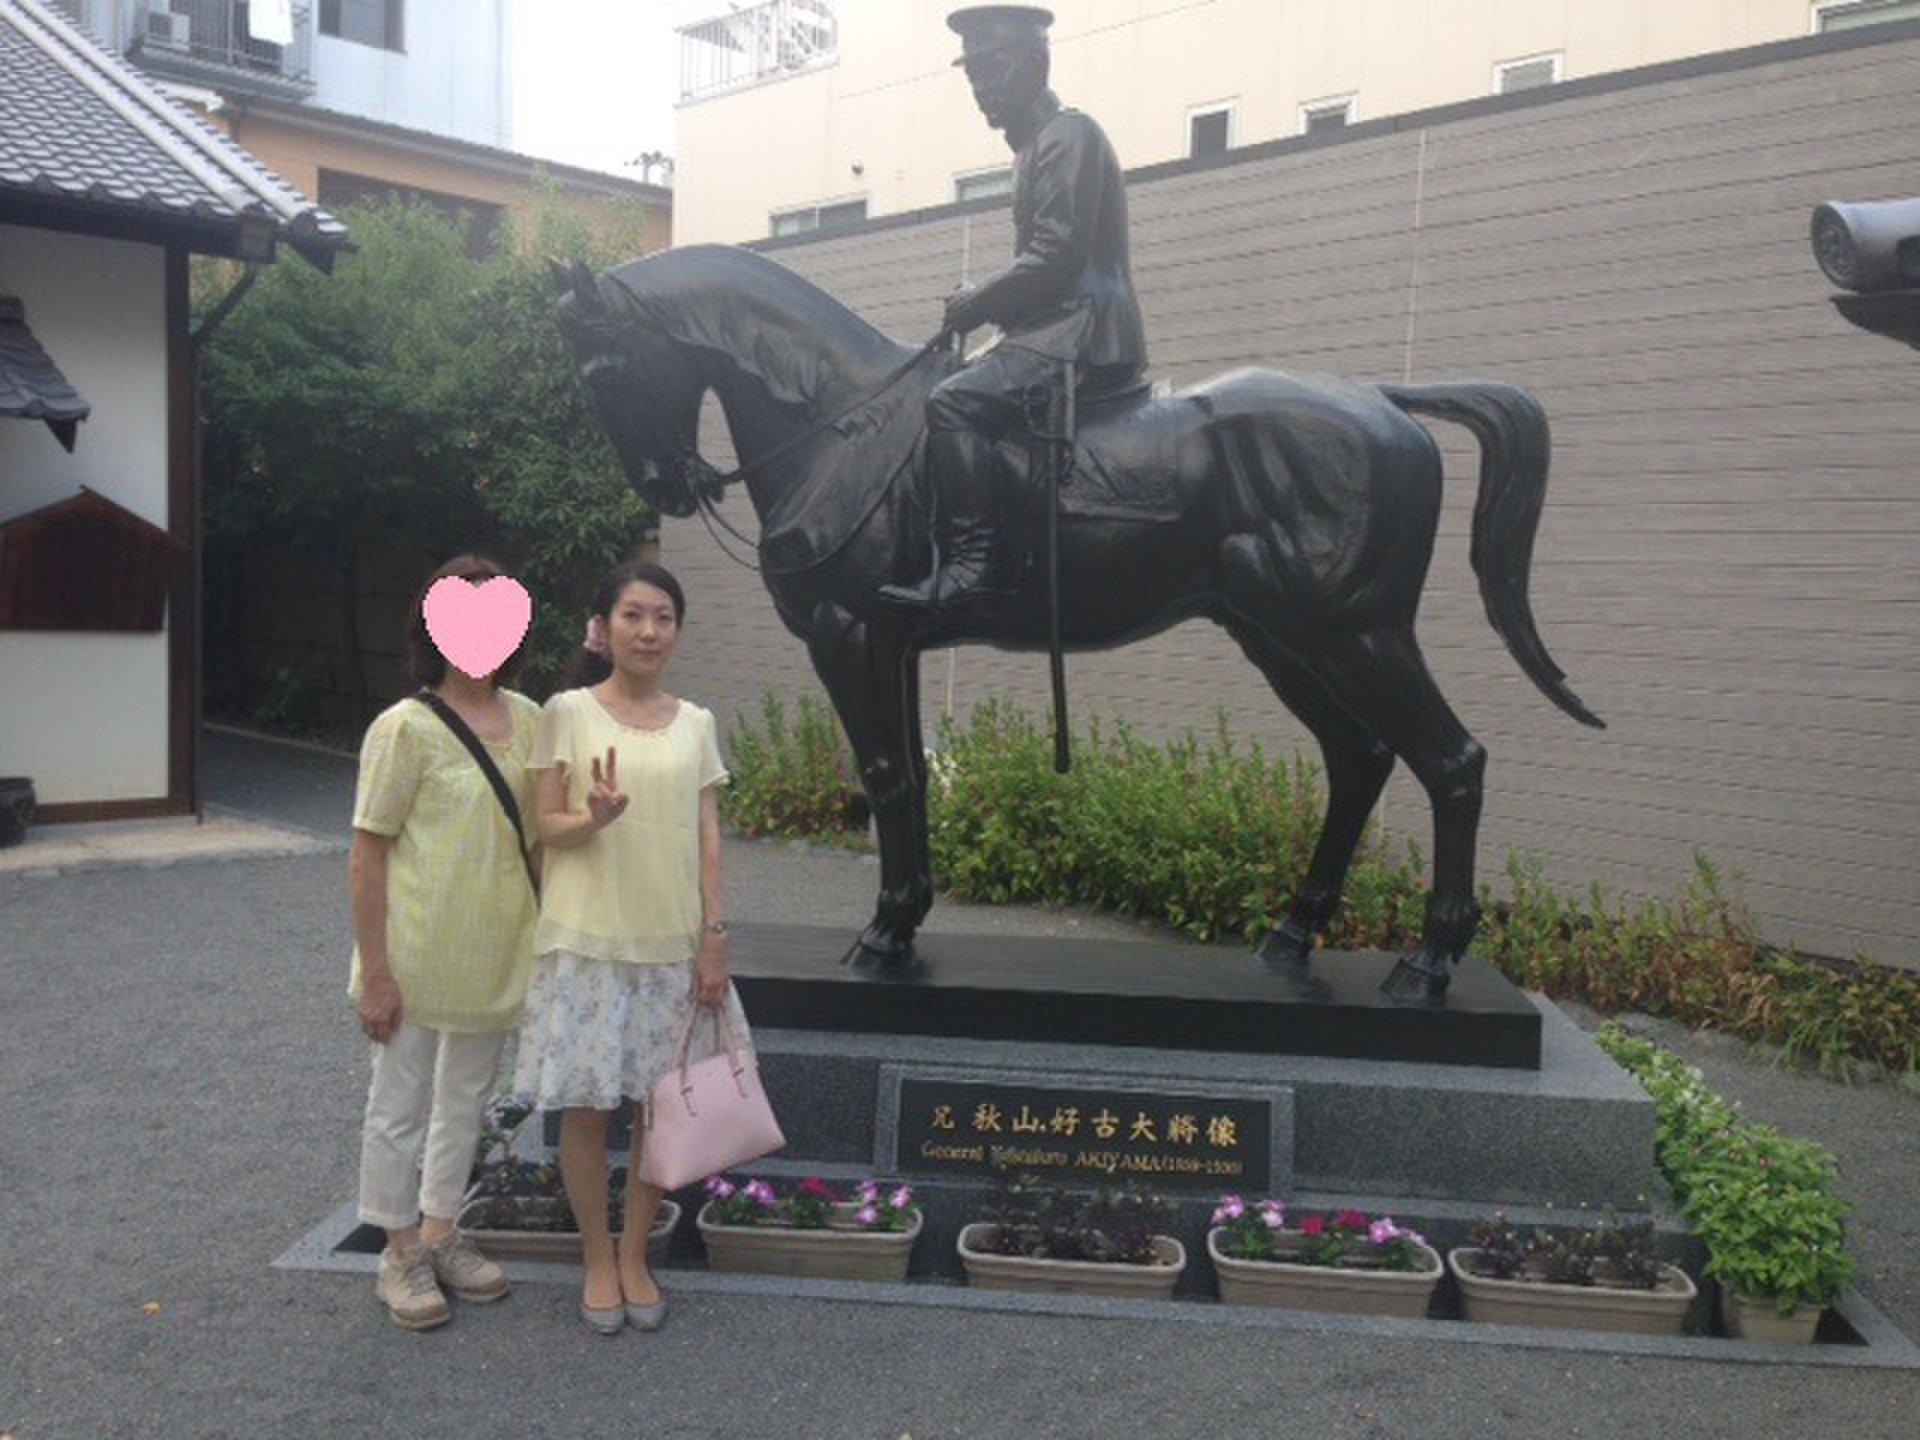 松山城帰りに、イケメン軍人すぎて秋山兄弟生誕地に寄り道☆司馬遼太郎ファン・ビジネスマンにおすすめ☆